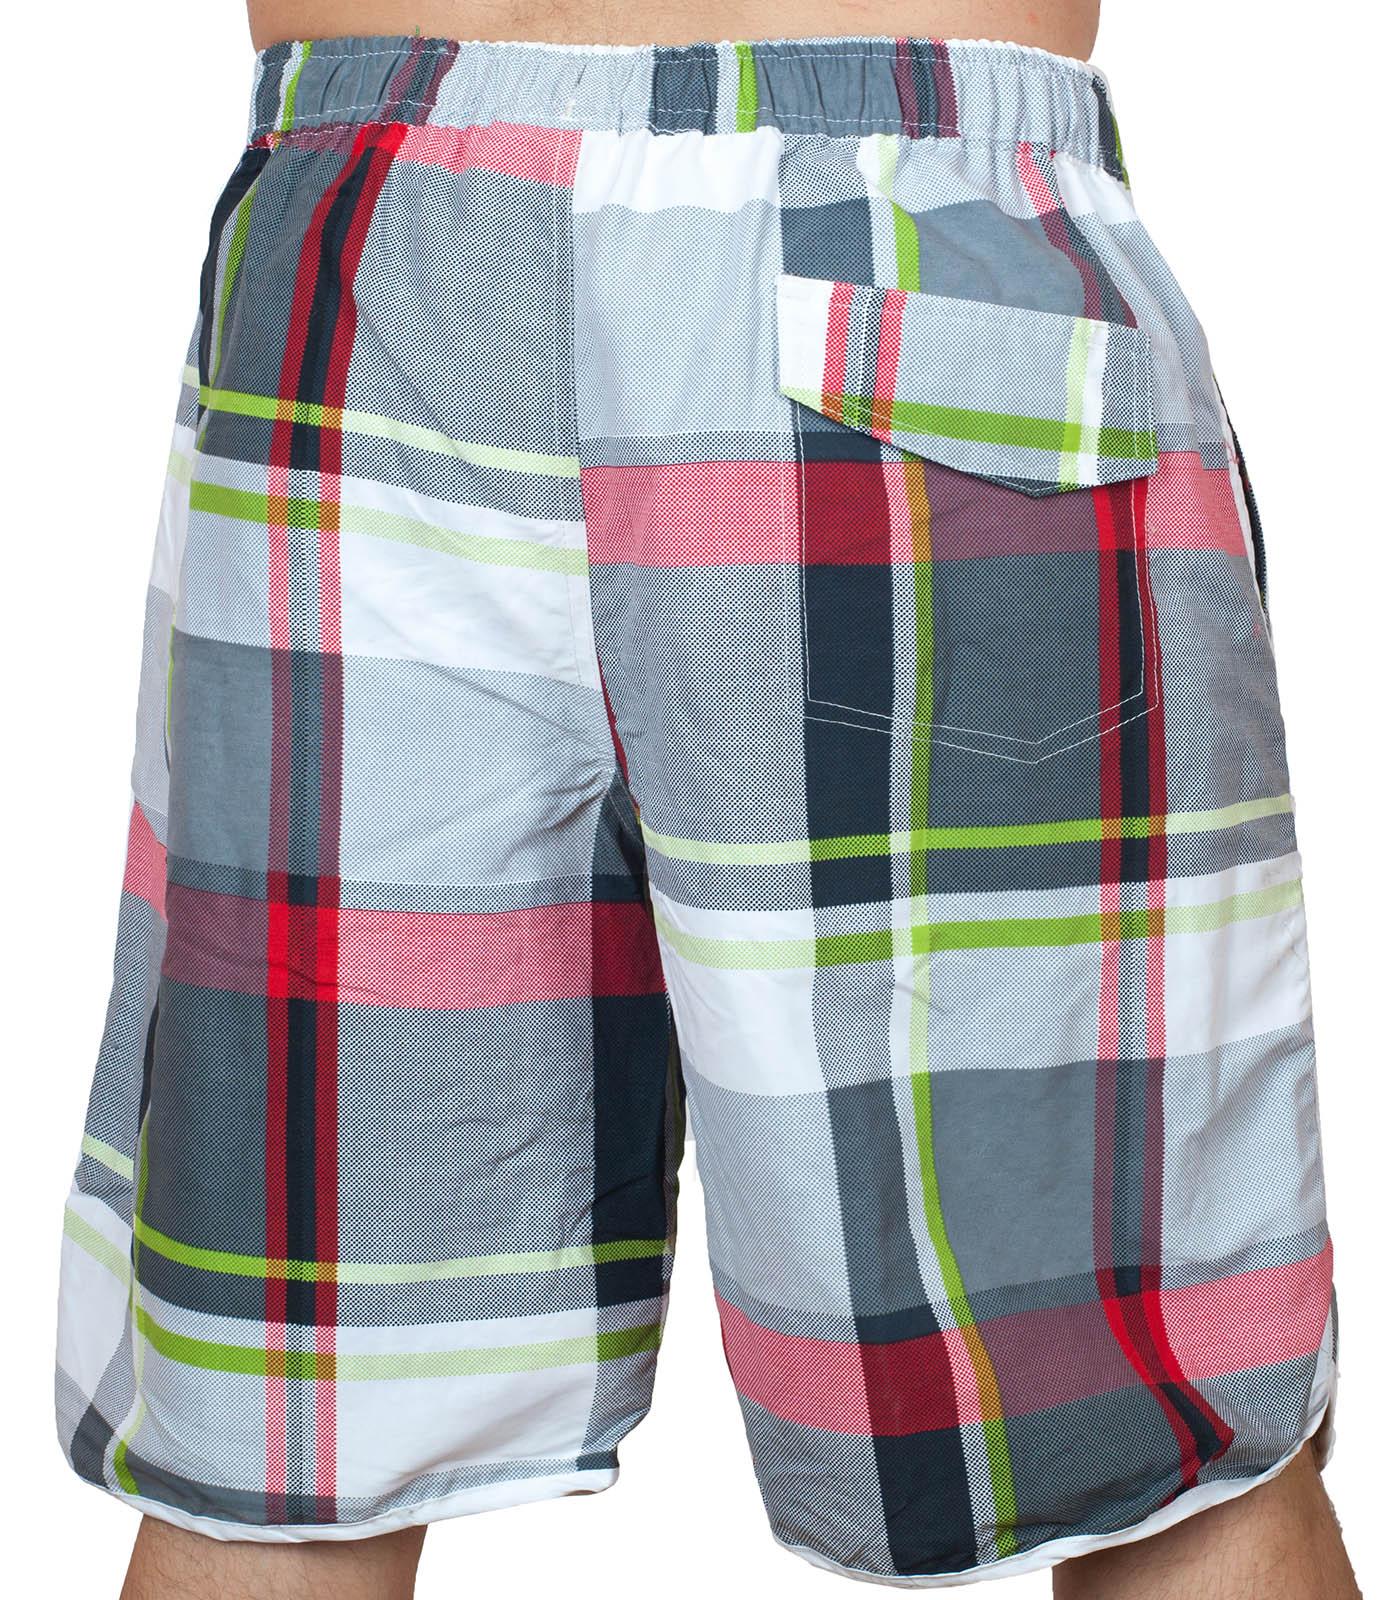 Пляжные клетчатые шорты для мужчин по лучшей цене